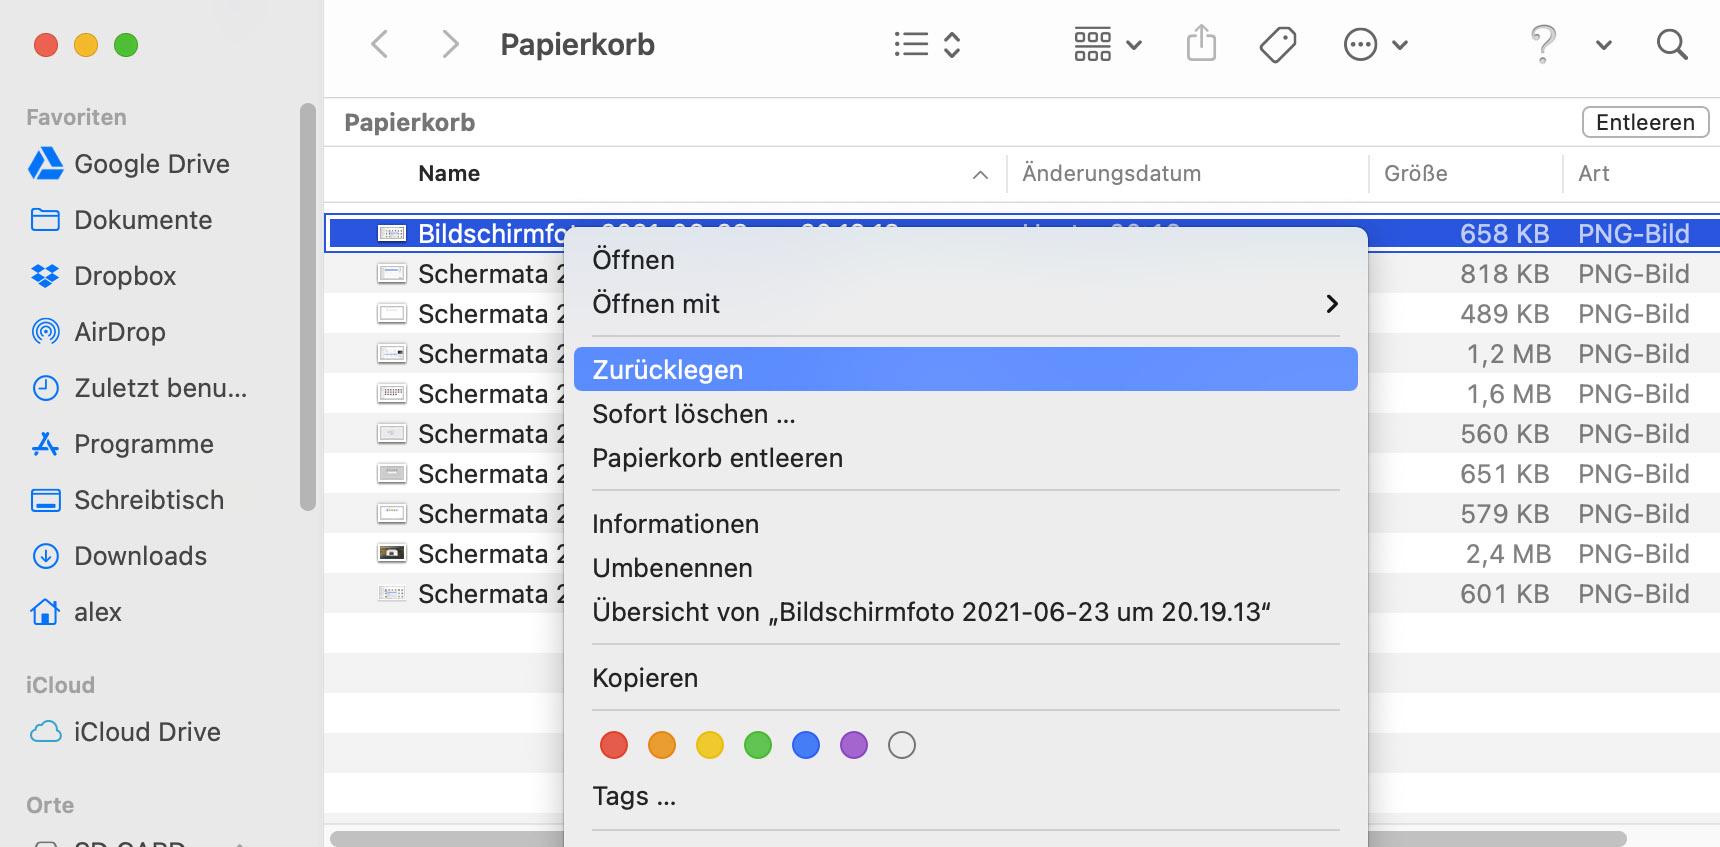 Papierkorb Dateiwiederherstellung